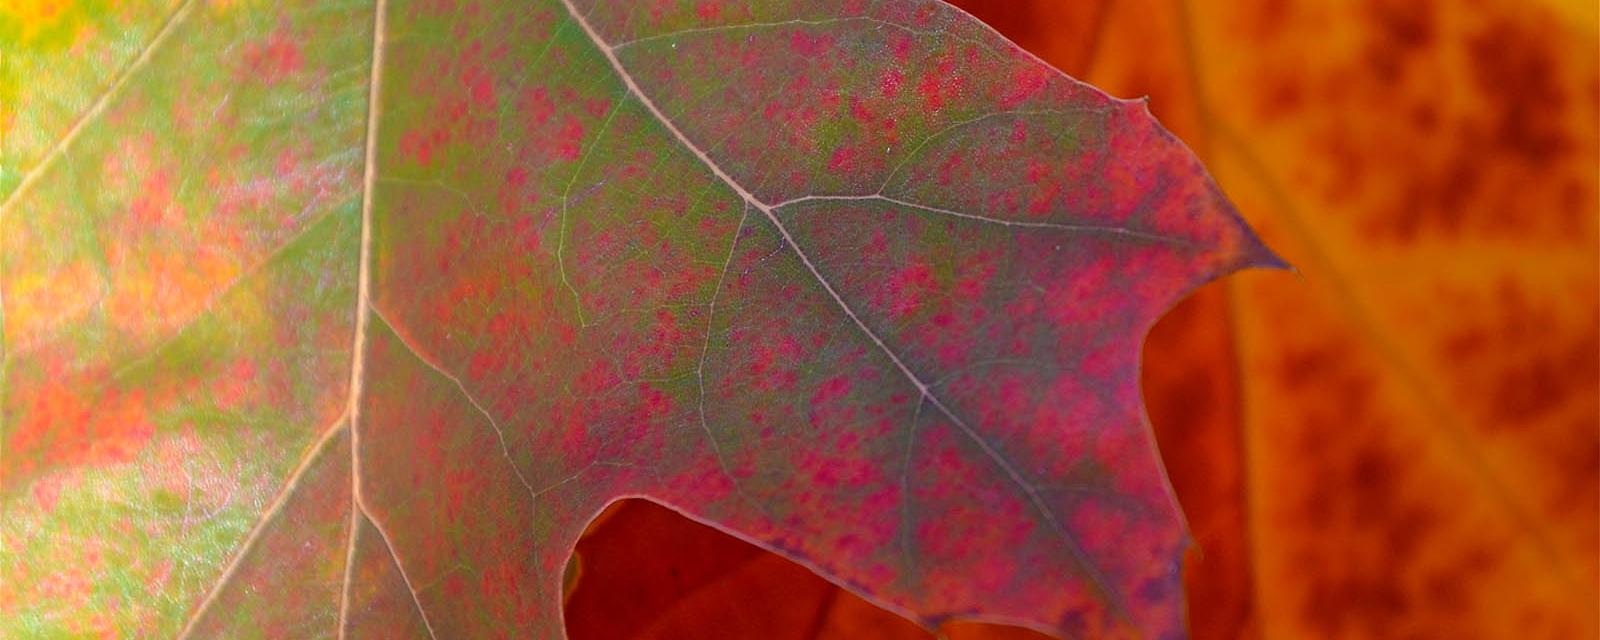 oak leaf close up in red autumn colour